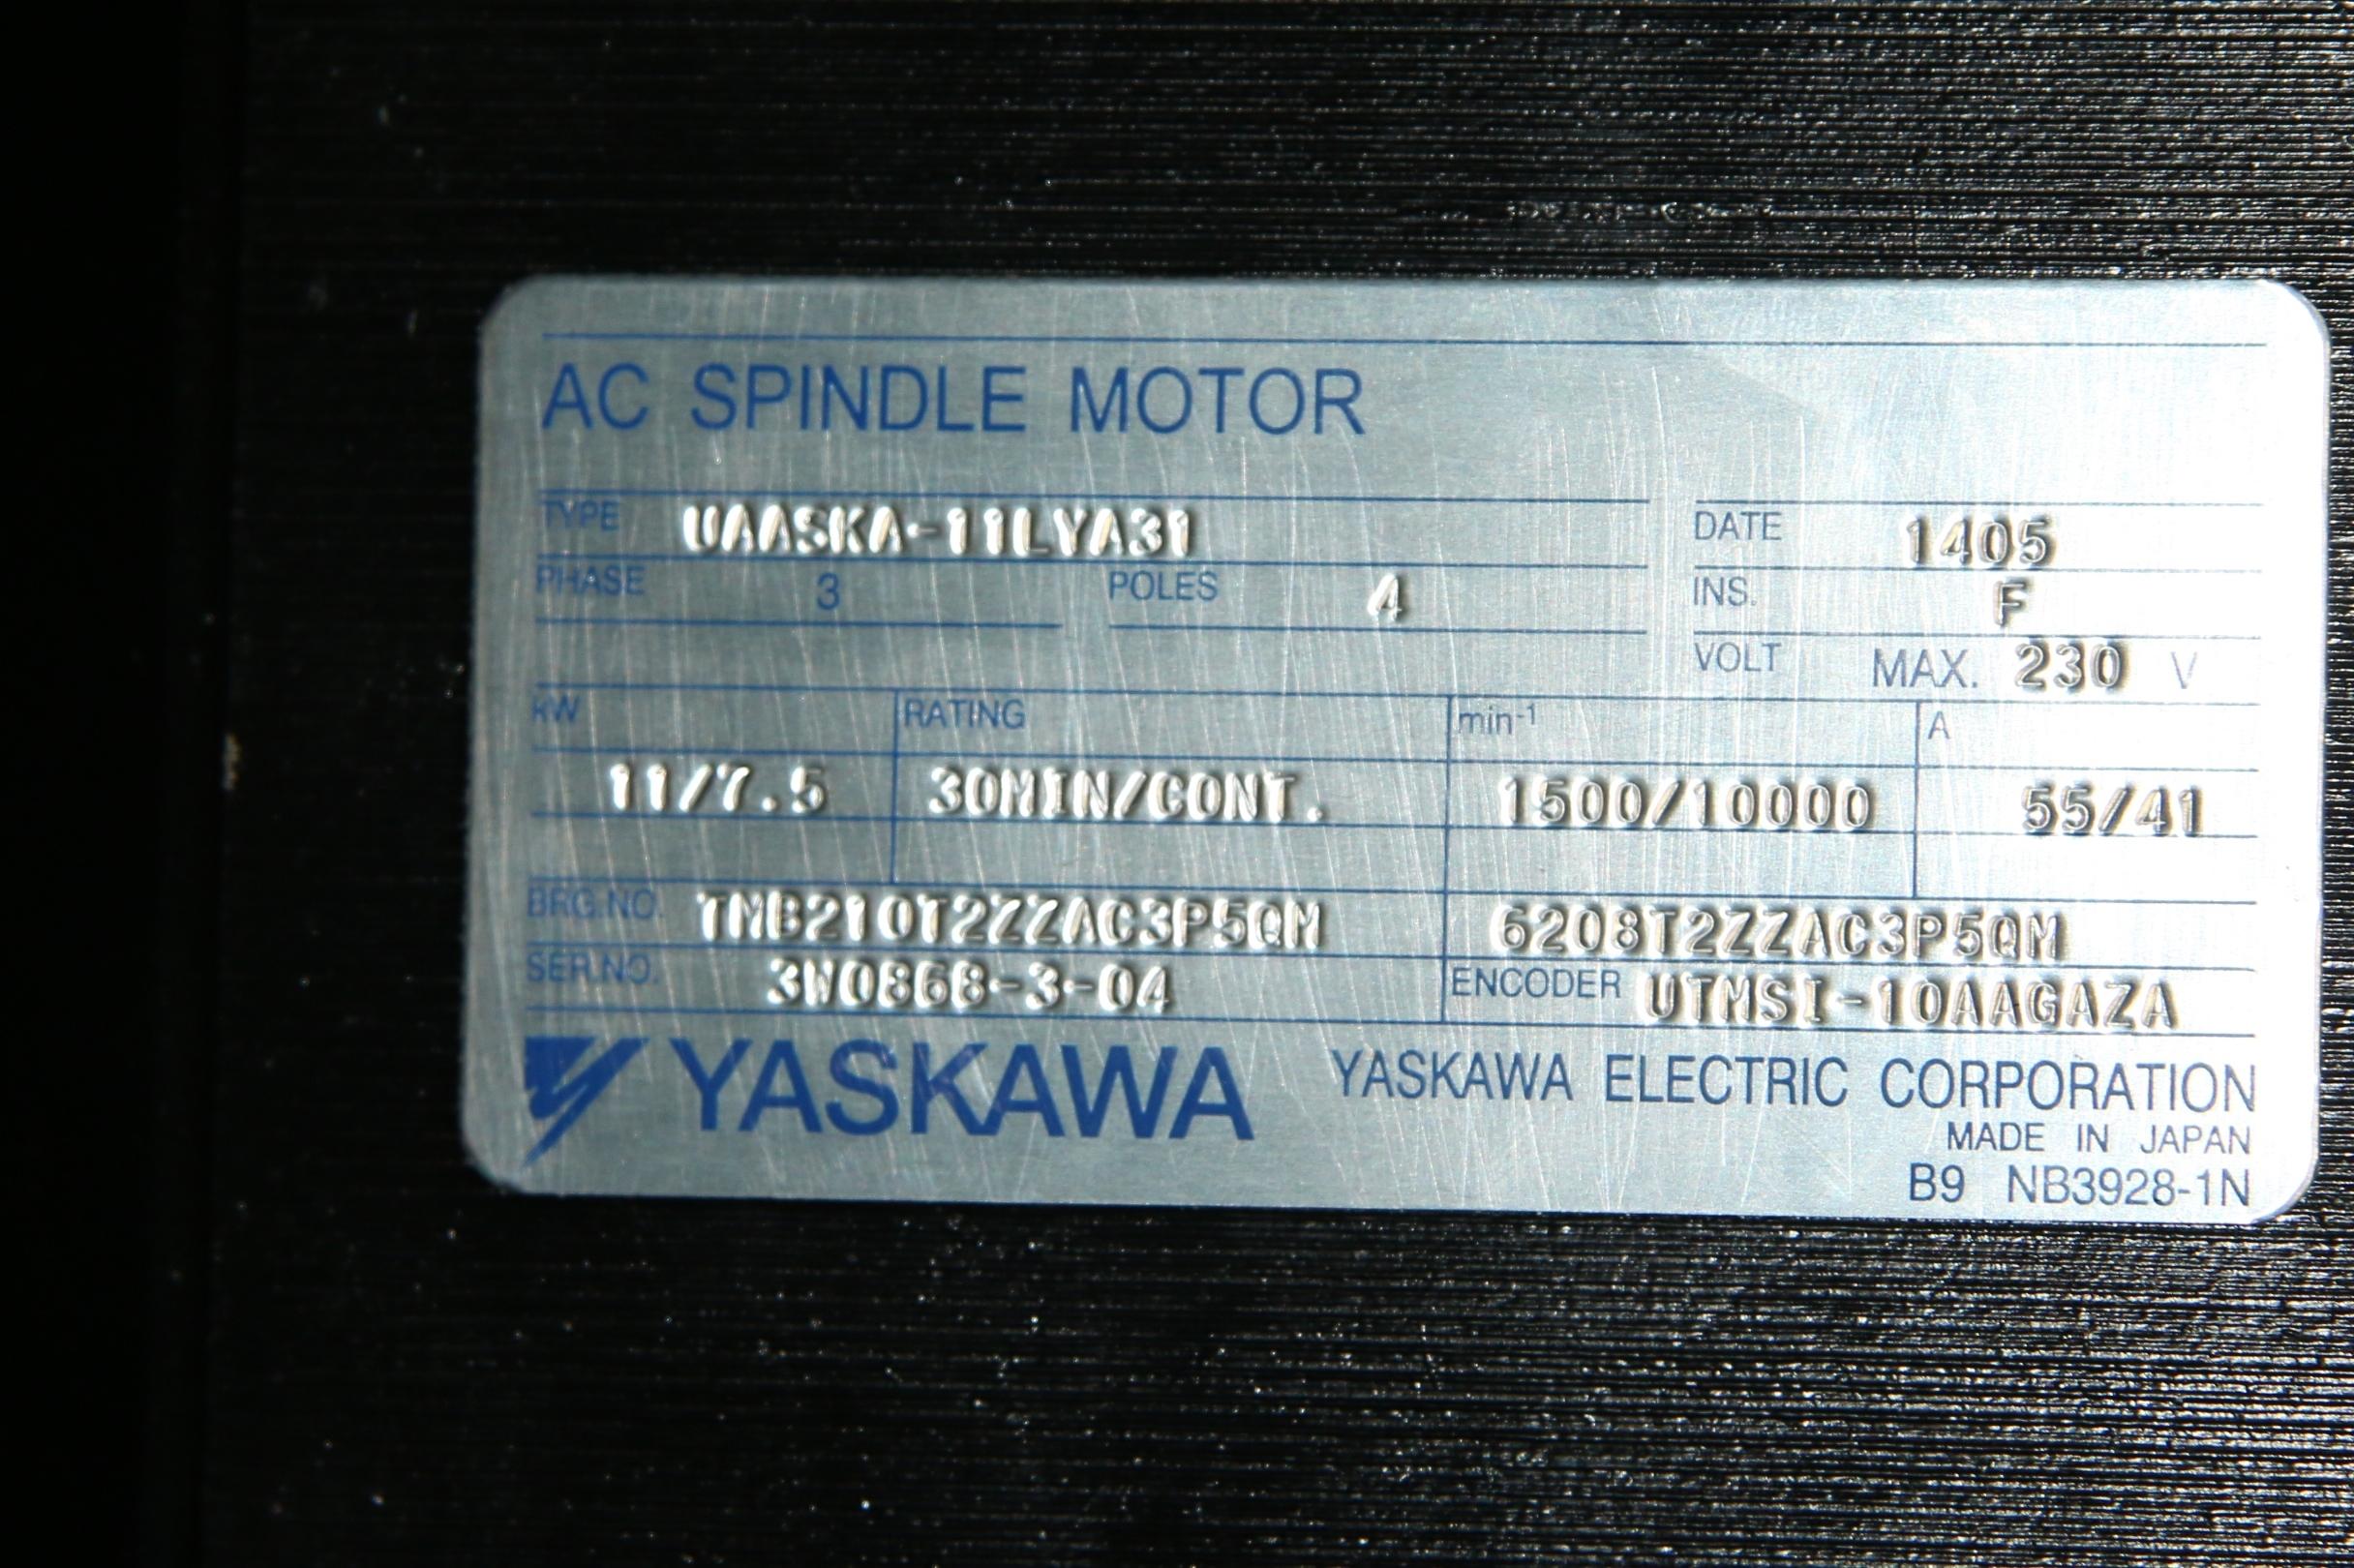 (1) New Yaskawa UAASKA-11LYA31 AC Spindle Motor 15157